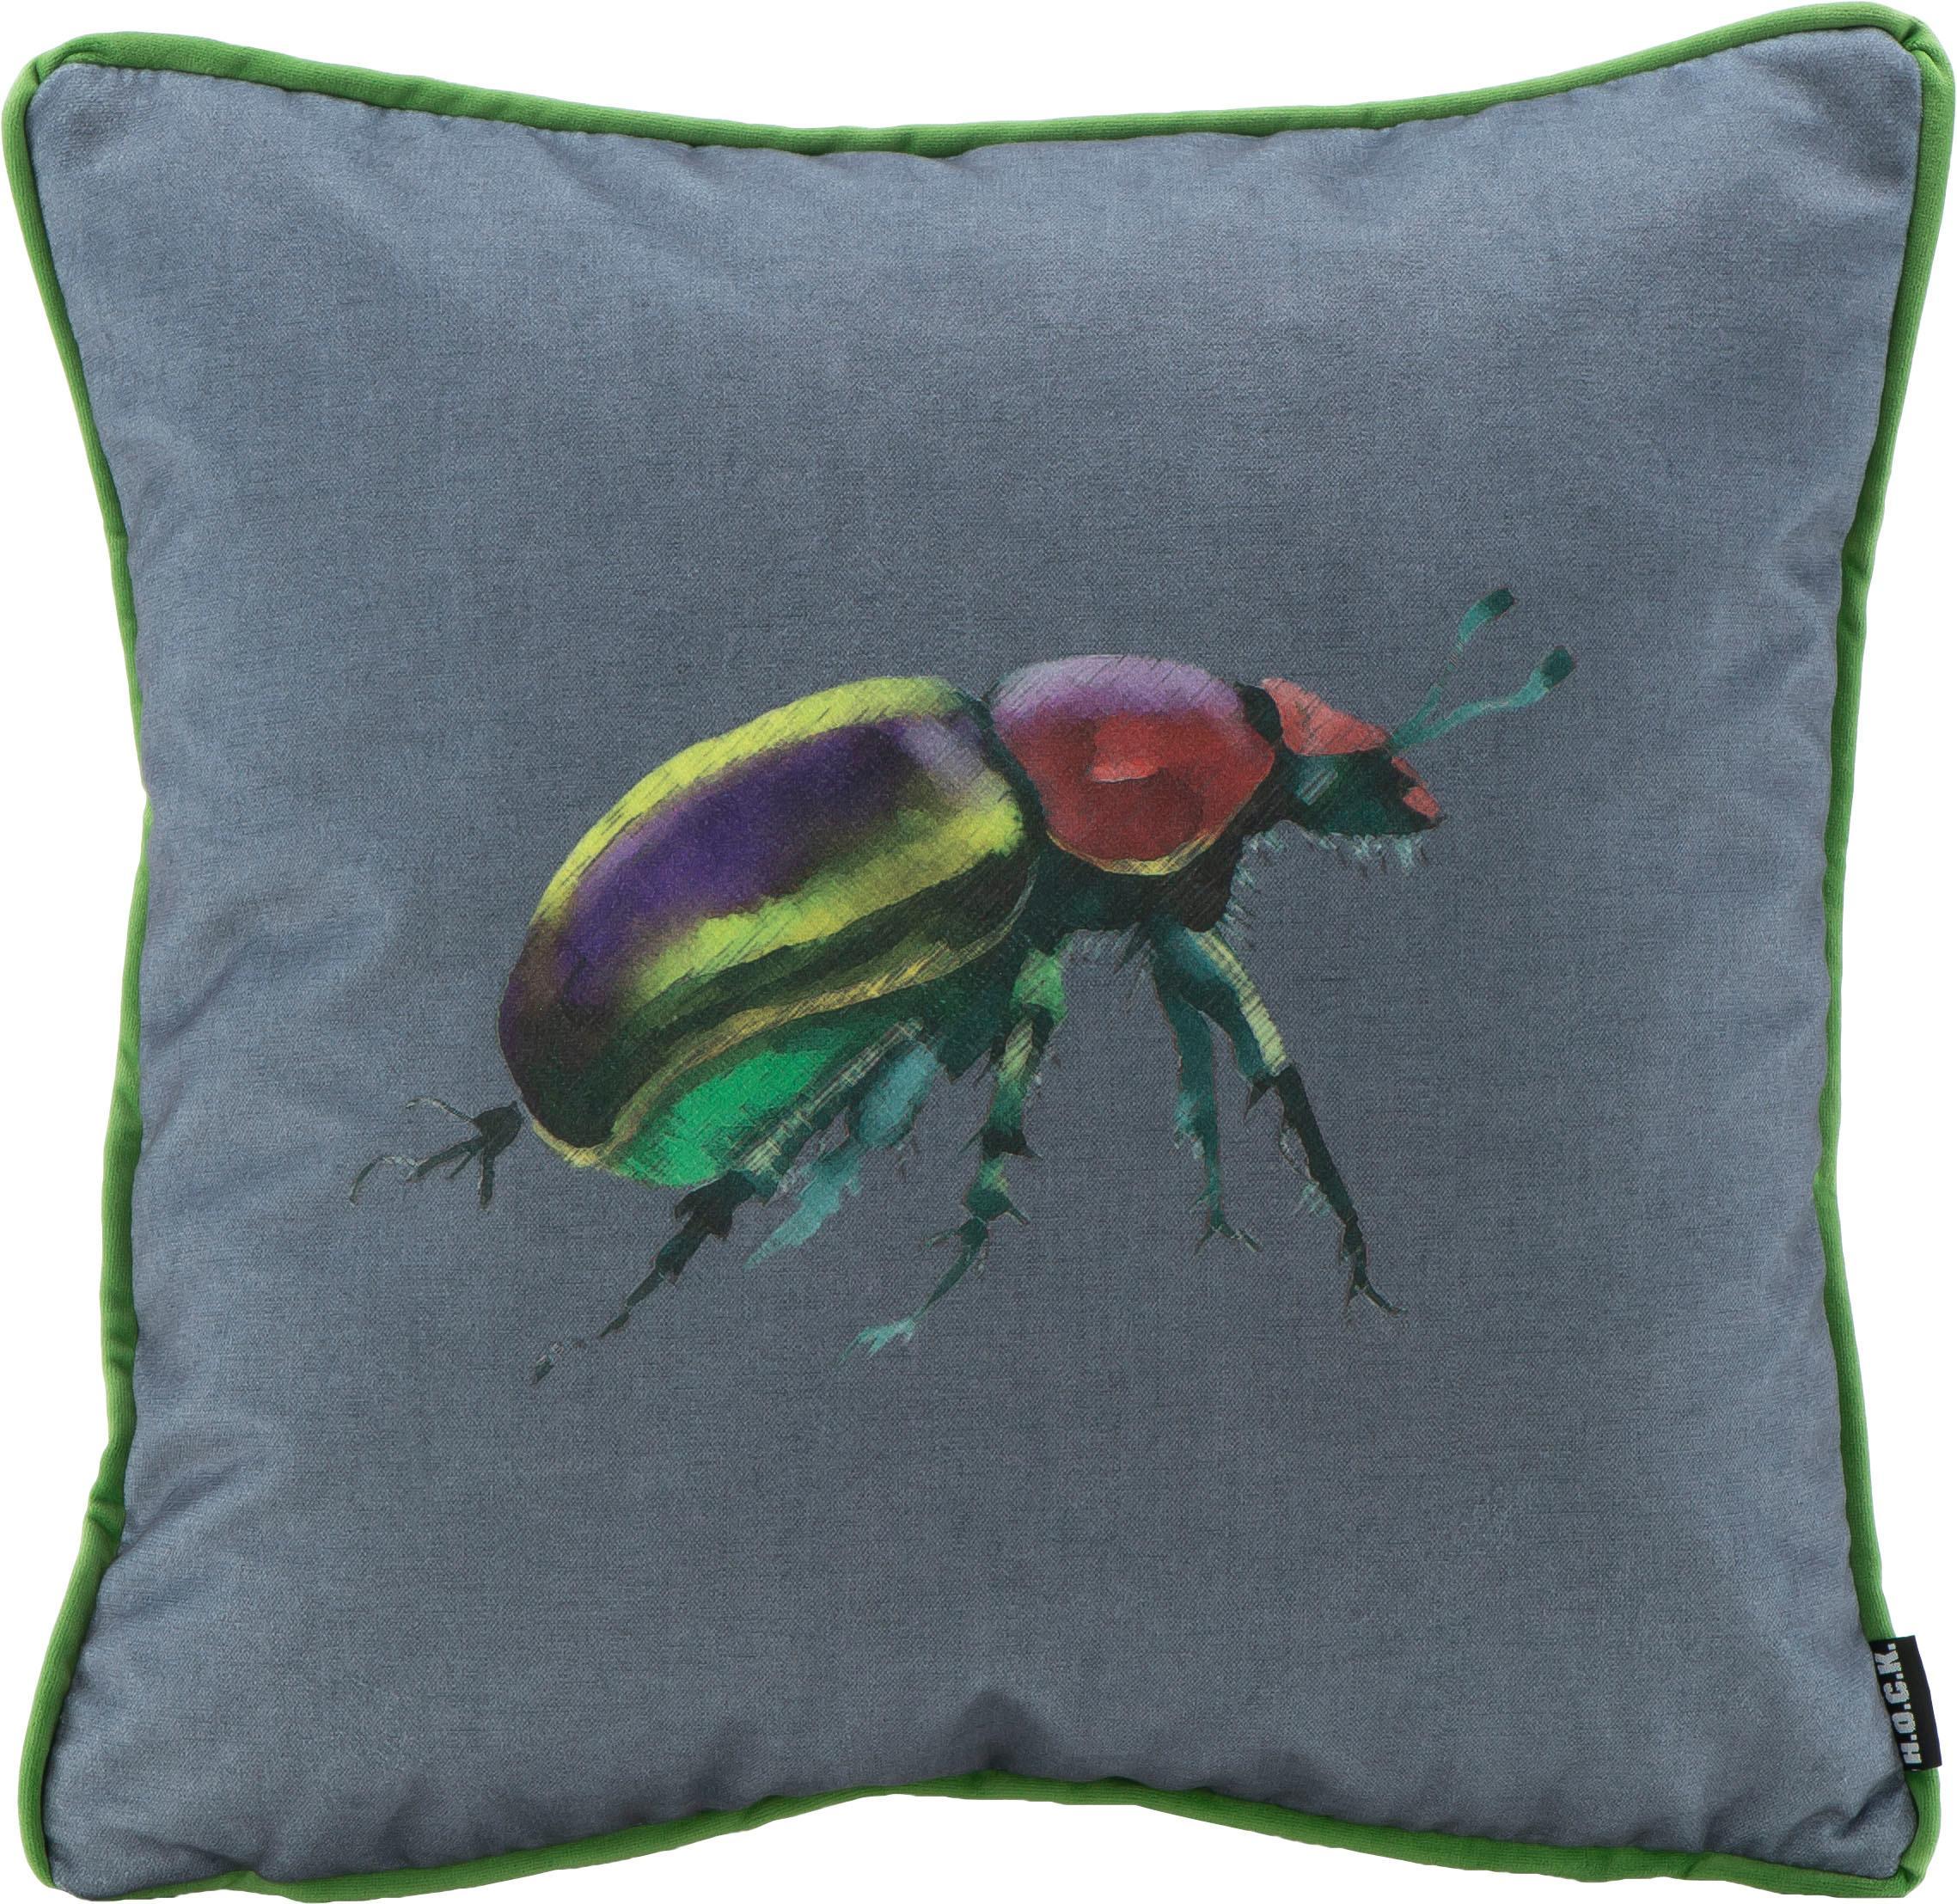 Hock Kissen Bugs Rosenkäfer 45/45 cm